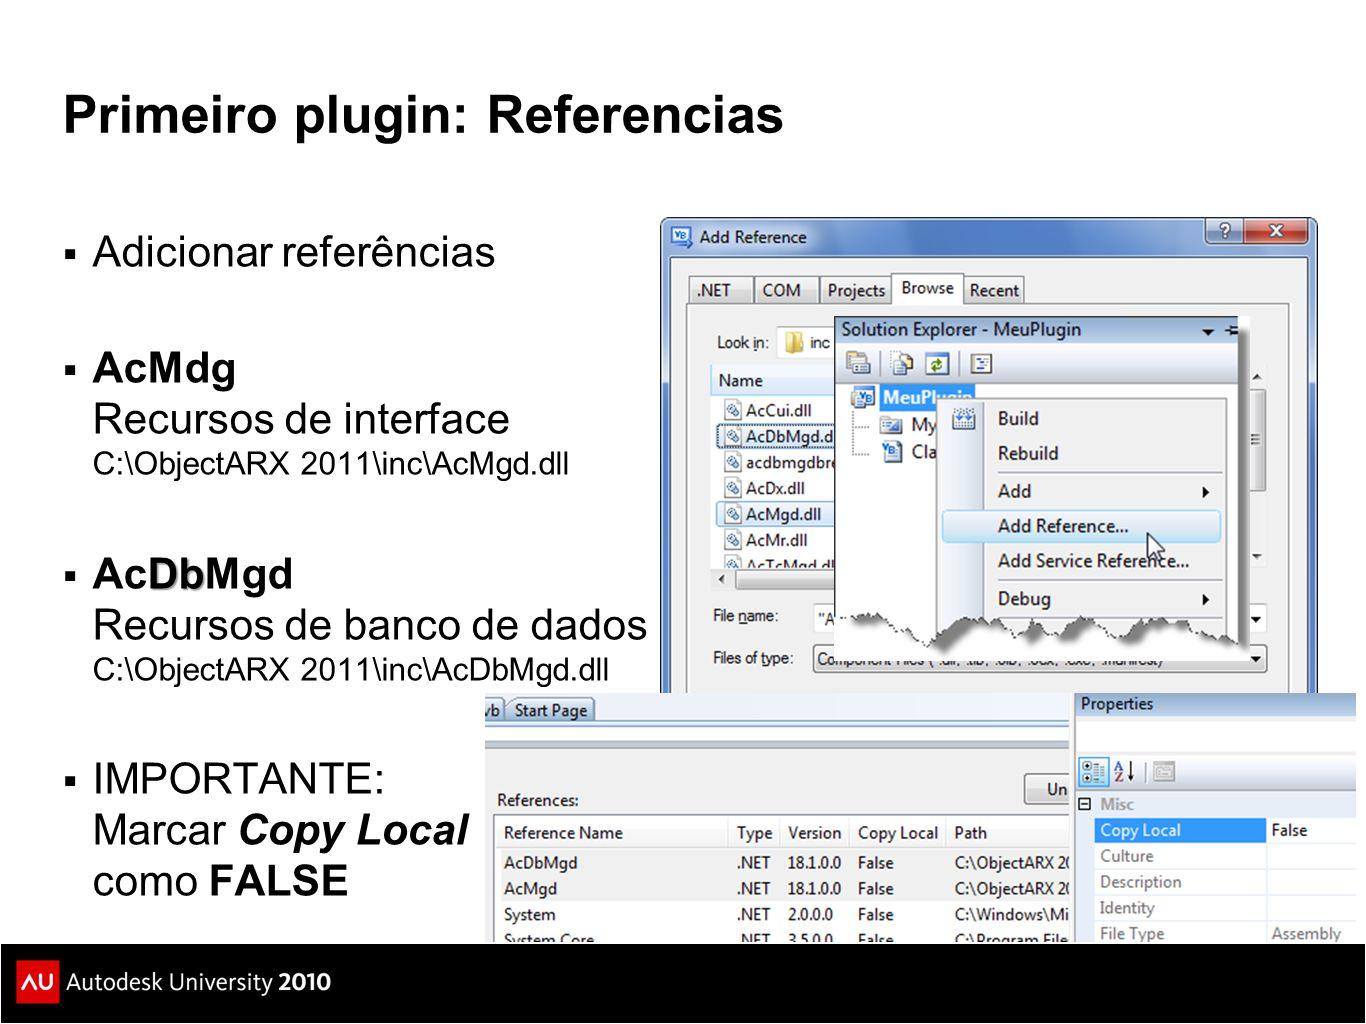 Primeiro plugin: Referencias  Adicionar referências  AcMdg Recursos de interface C:\ObjectARX 2011\inc\AcMgd.dll Db  AcDbMgd Recursos de banco de dados C:\ObjectARX 2011\inc\AcDbMgd.dll  IMPORTANTE: Marcar Copy Local como FALSE